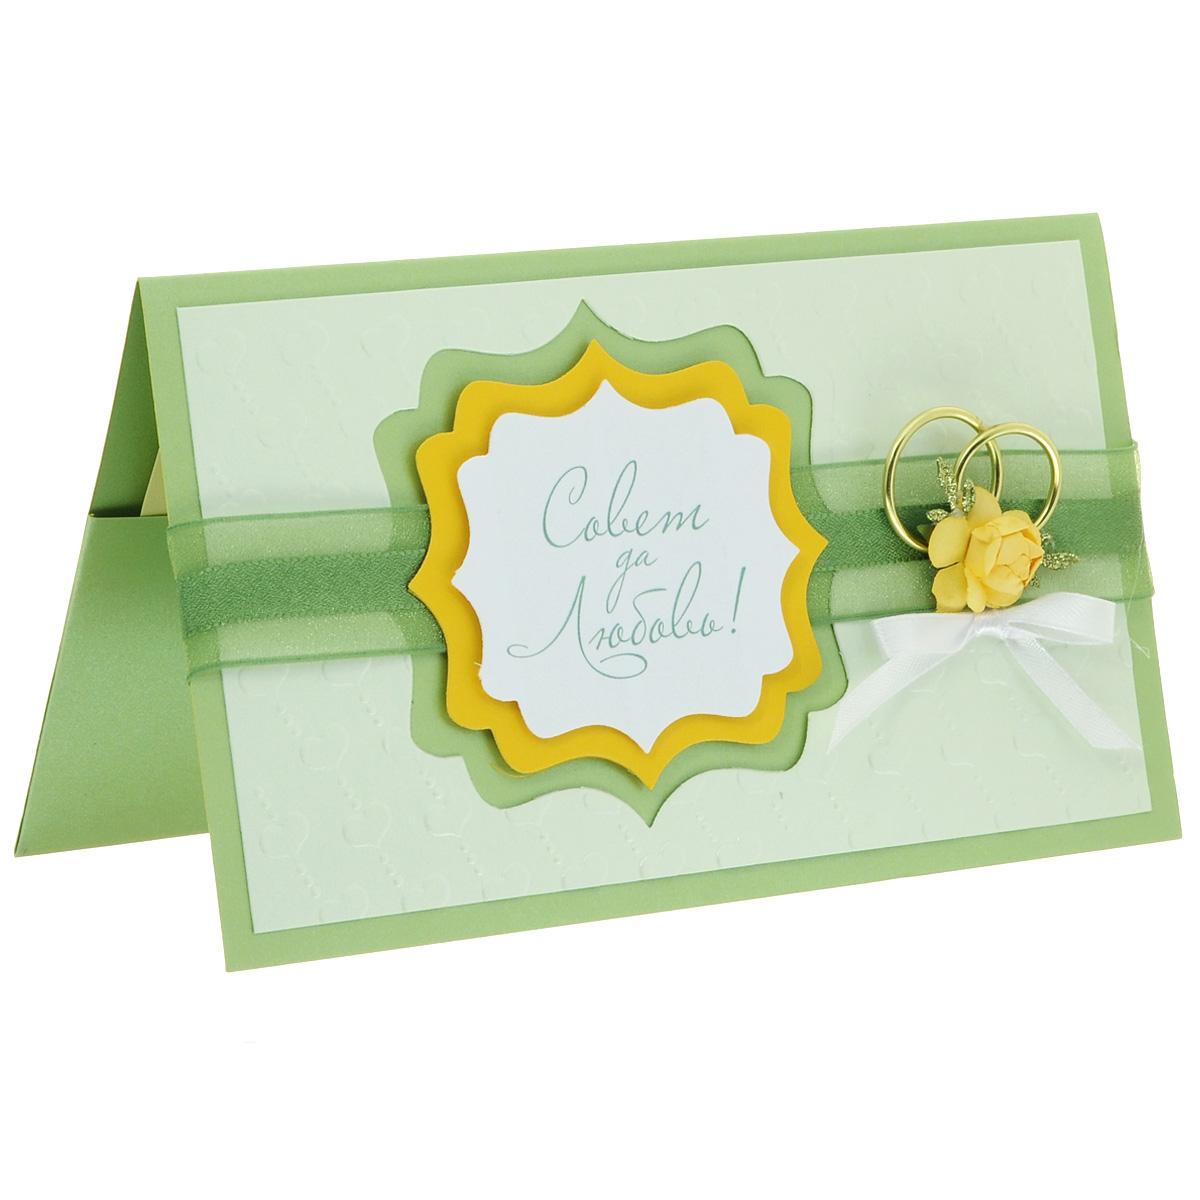 ОСВ-0004 Открытка-конверт «Совет да Любовь!» (стандарт, зеленая). Студия «Тётя Роза»94996Характеристики: Размер 19 см x 11 см.Материал: Высоко-художественный картон, бумага, декор. Данная открытка может стать как прекрасным дополнением к вашему подарку, так и самостоятельным подарком. Так как открытка является и конвертом, в который вы можете вложить ваш денежный подарок или просто написать ваши пожелания на вкладыше. Конверт для поздравления молодоженов отличается своей яркостью. Основная надпись выделяется послойно над общим фоном на выразительной резной табличке. Обручальные кольца, расположенные на капроновой ленте, декорированы цветами и ягодами. На основной части конверта нанесено тиснение «сердечки». Также открытка упакована в пакетик для сохранности.Обращаем Ваше внимание на то, что открытка может незначительно отличаться от представленной на фото.Открытки ручной работы от студии Тётя Роза отличаются своим неповторимым и ярким стилем. Каждая уникальна и выполнена вручную мастерами студии. (Открытка для мужчин, открытка для женщины, открытка на день рождения, открытка с днем свадьбы, открытка винтаж, открытка с юбилеем, открытка на все случаи, скрапбукинг)